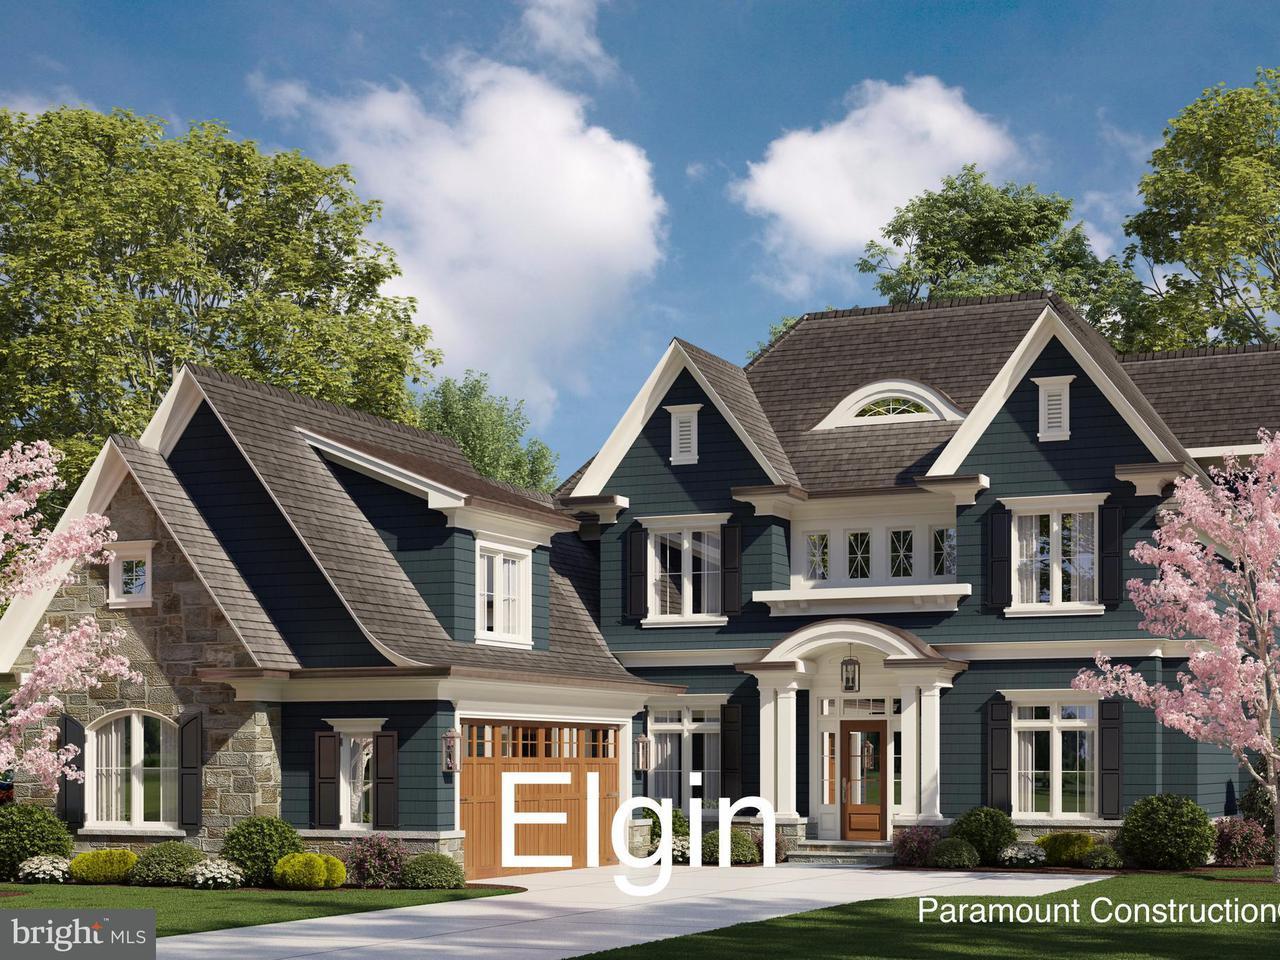 Single Family Home for Sale at 6307 Tilden Lane 6307 Tilden Lane Rockville, Maryland 20852 United States